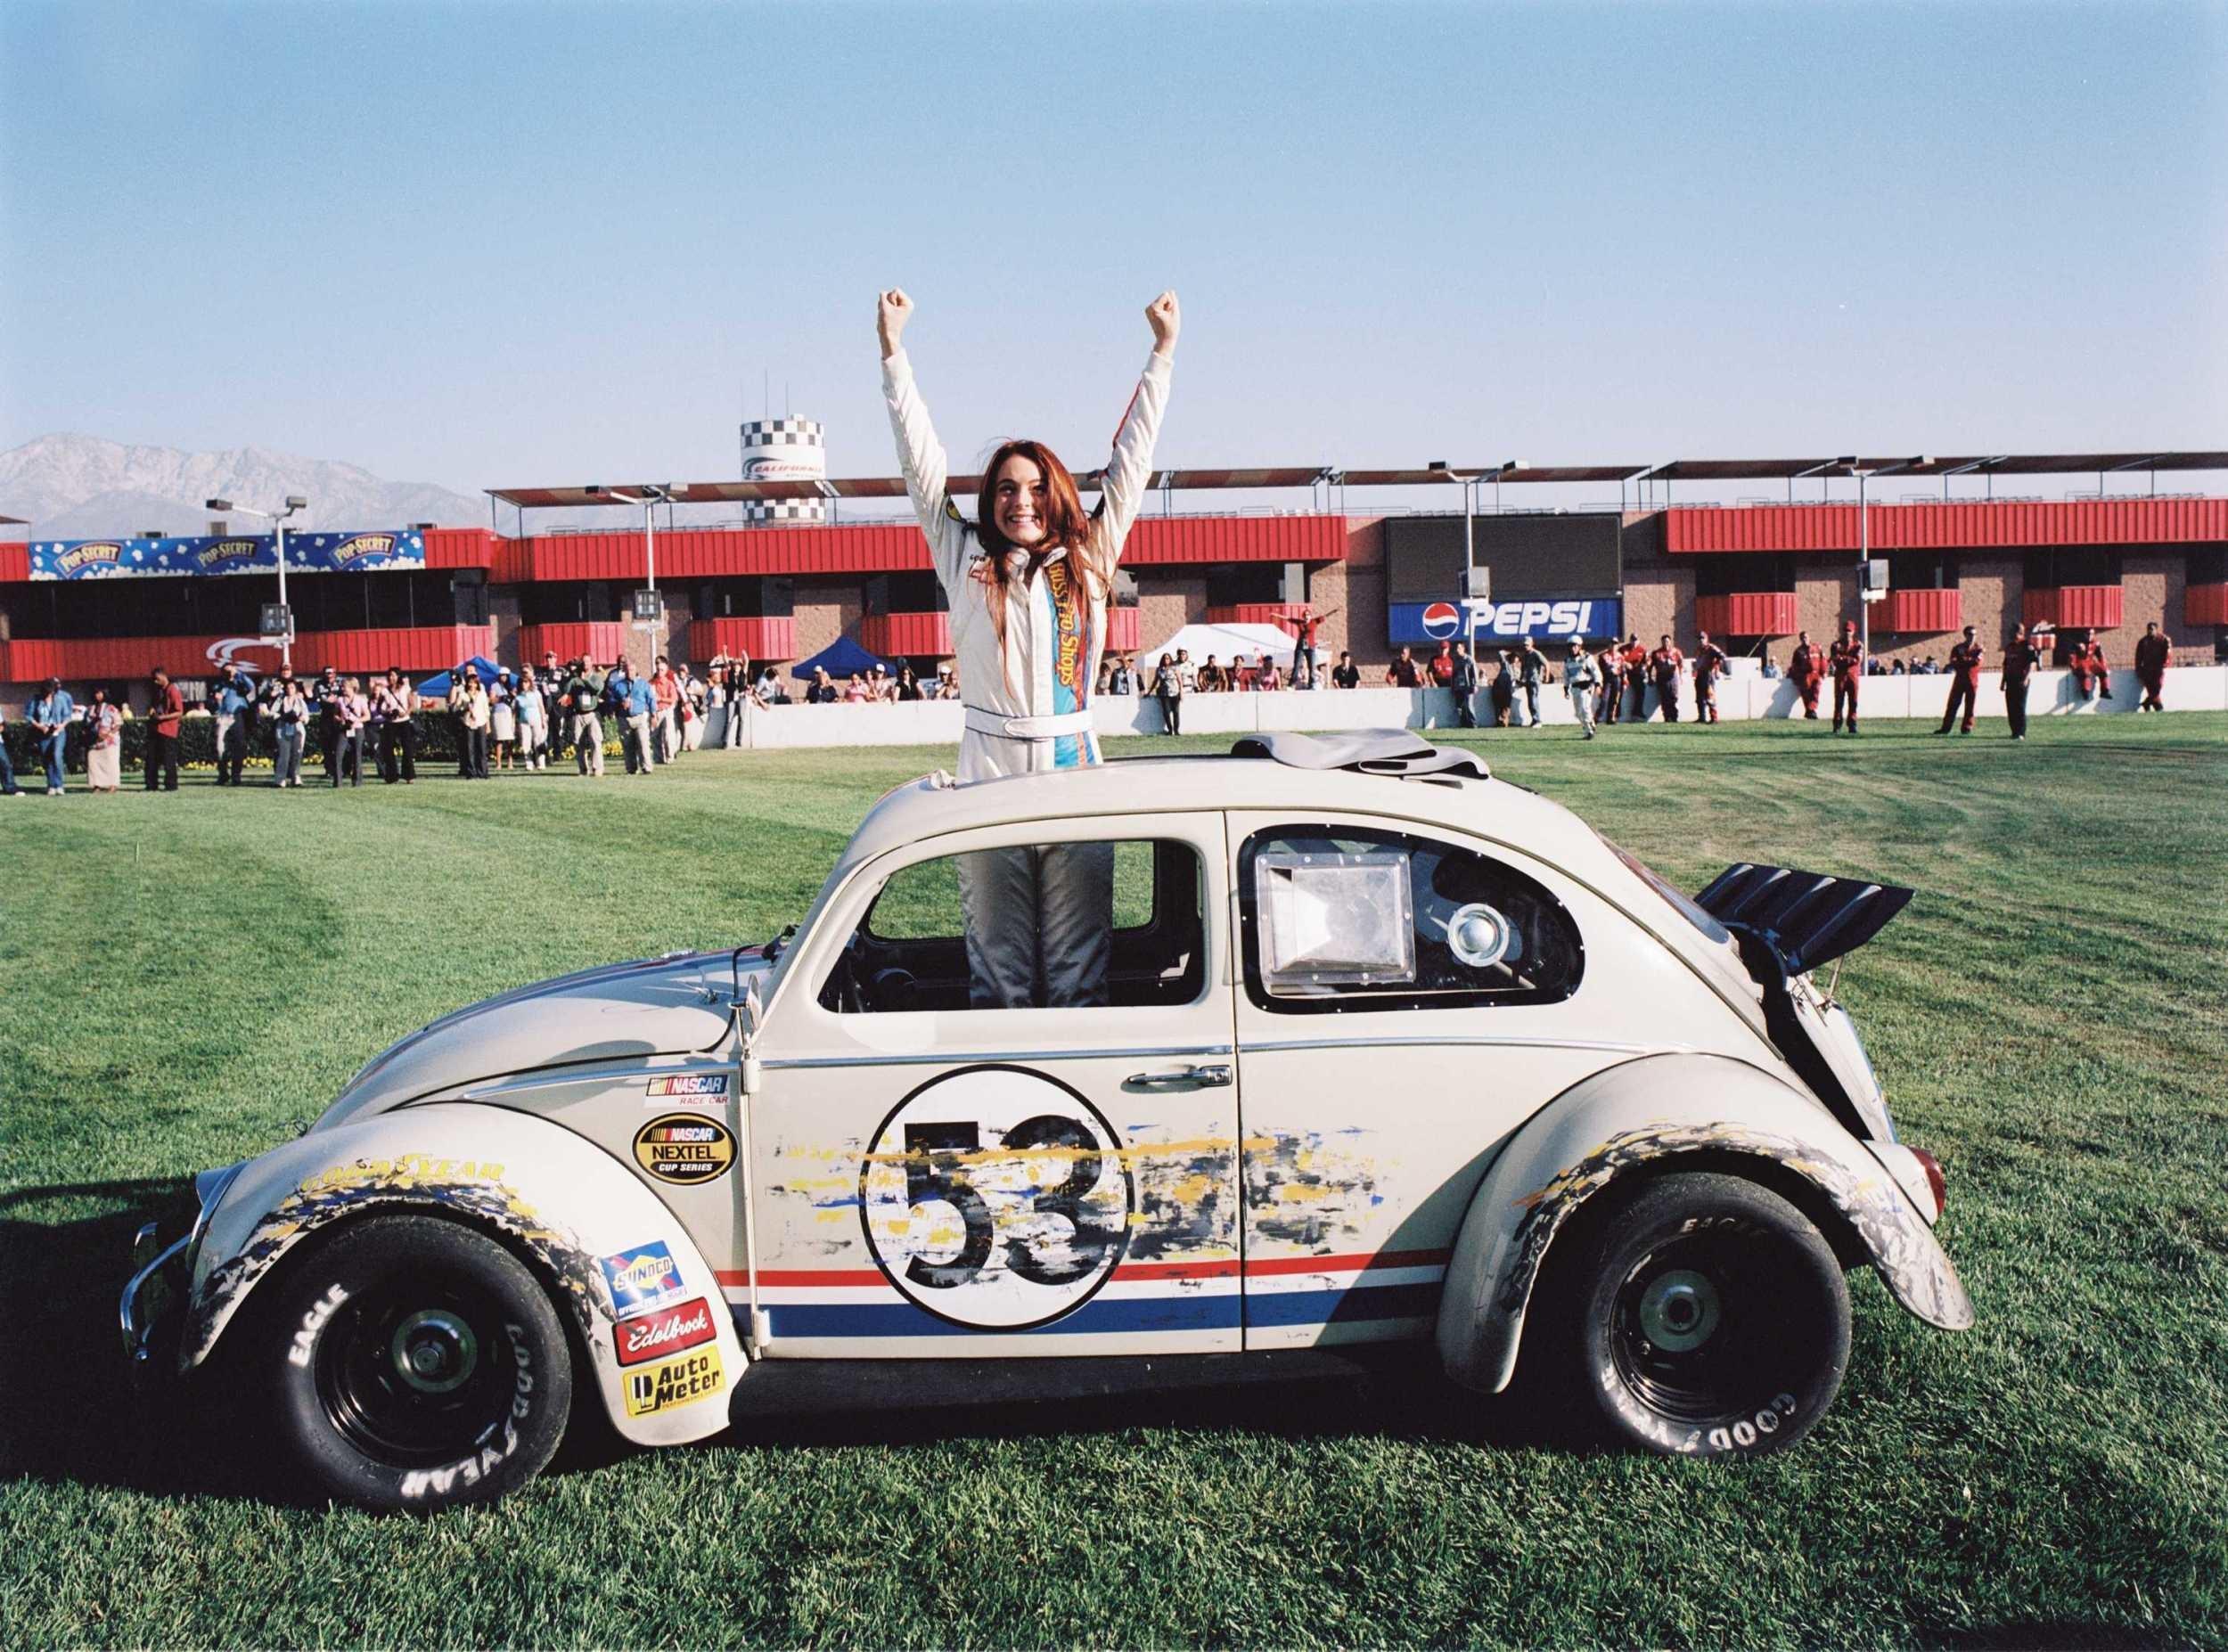 Res: 2500x1854, NASCAR herbie.jpg